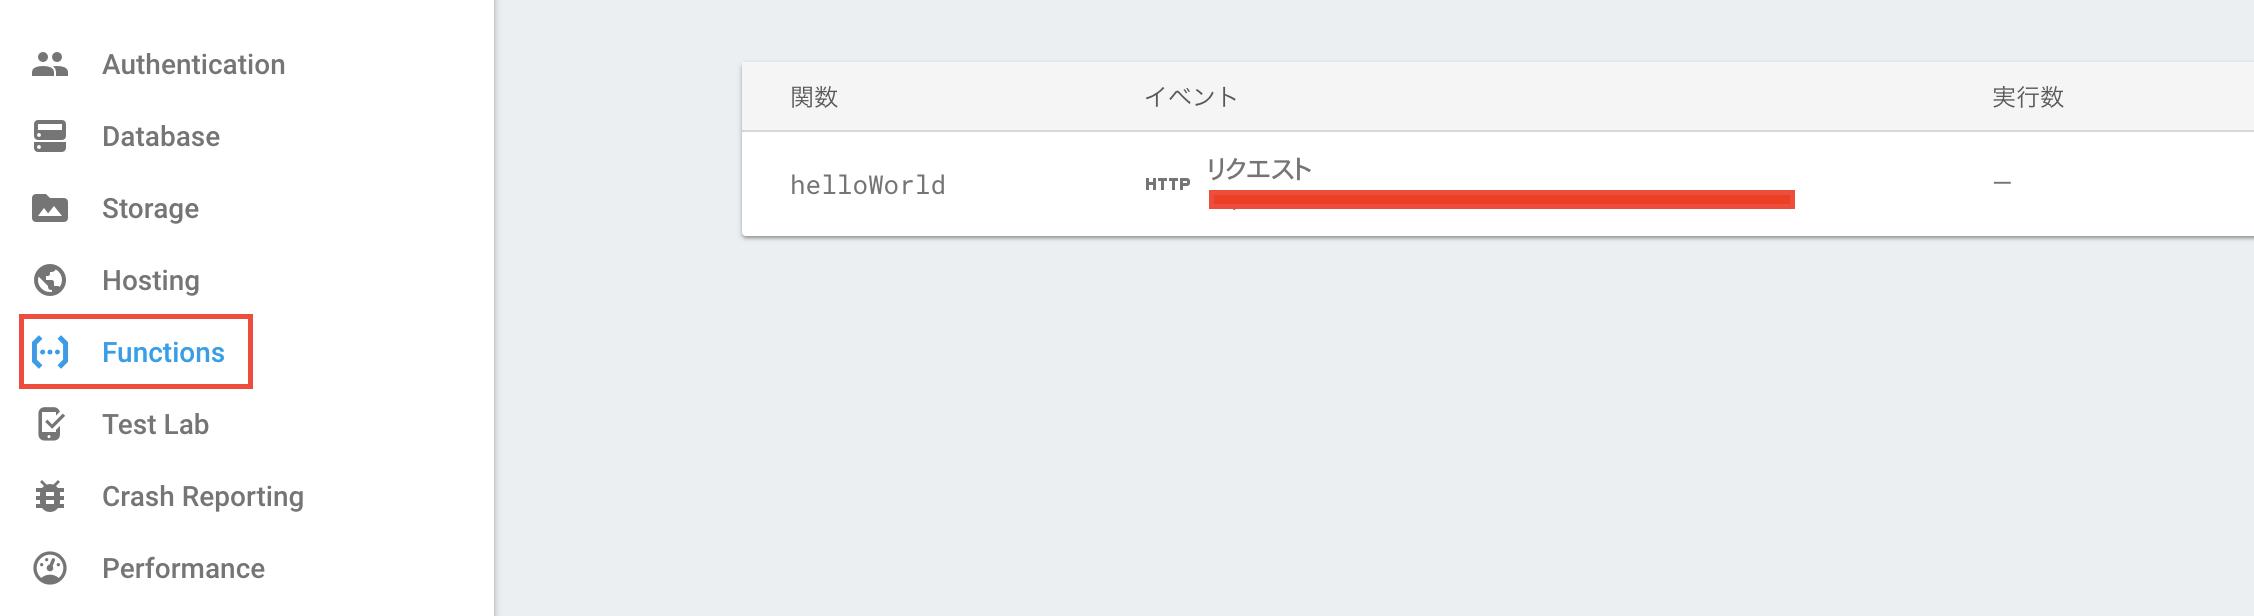 スクリーンショット 2017-07-09 17.24.19.png (74.9 kB)